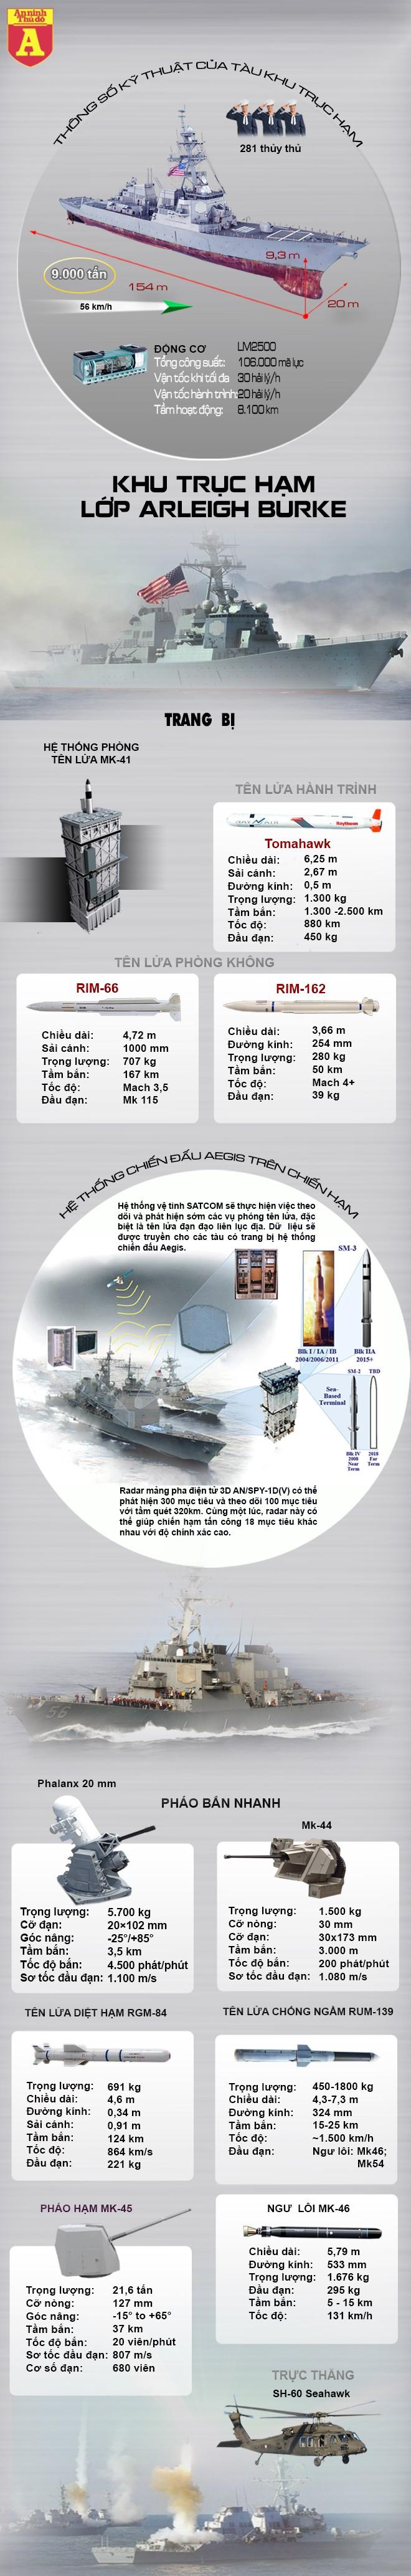 [Info] Cơ sự nào khiến Mỹ loại biên 27 khu trục hạm cực mạnh dù chúng còn rất tốt? ảnh 2